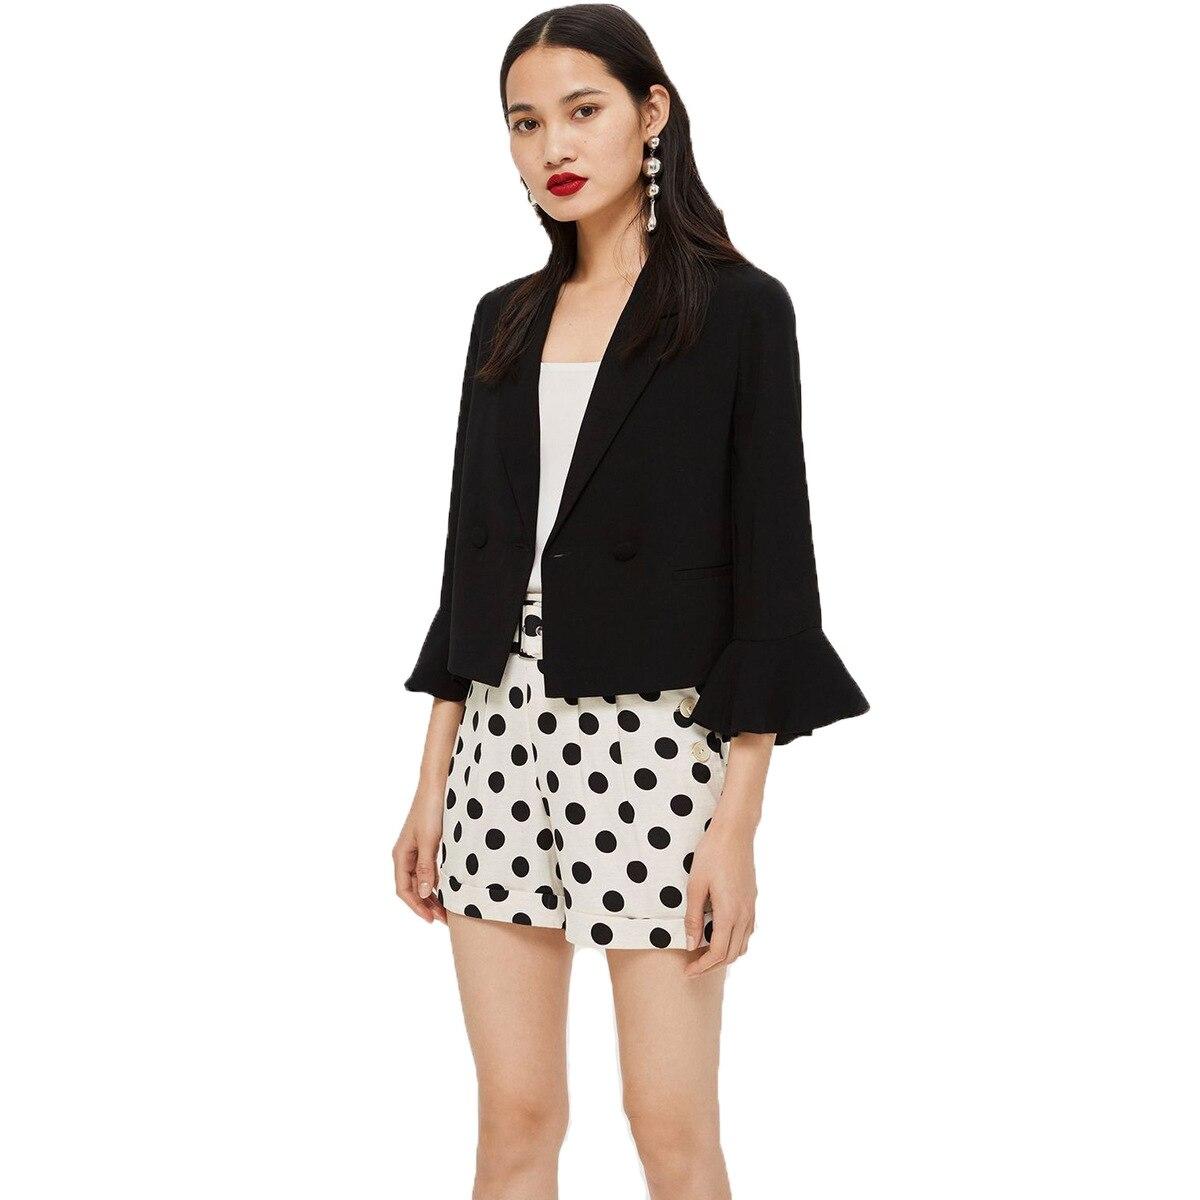 2019 Spring Simple Turtleneck Collar Single-Grain Seven Cent Sleeve Edge Decoration Pure Color Short Black Suit Jacket Coat